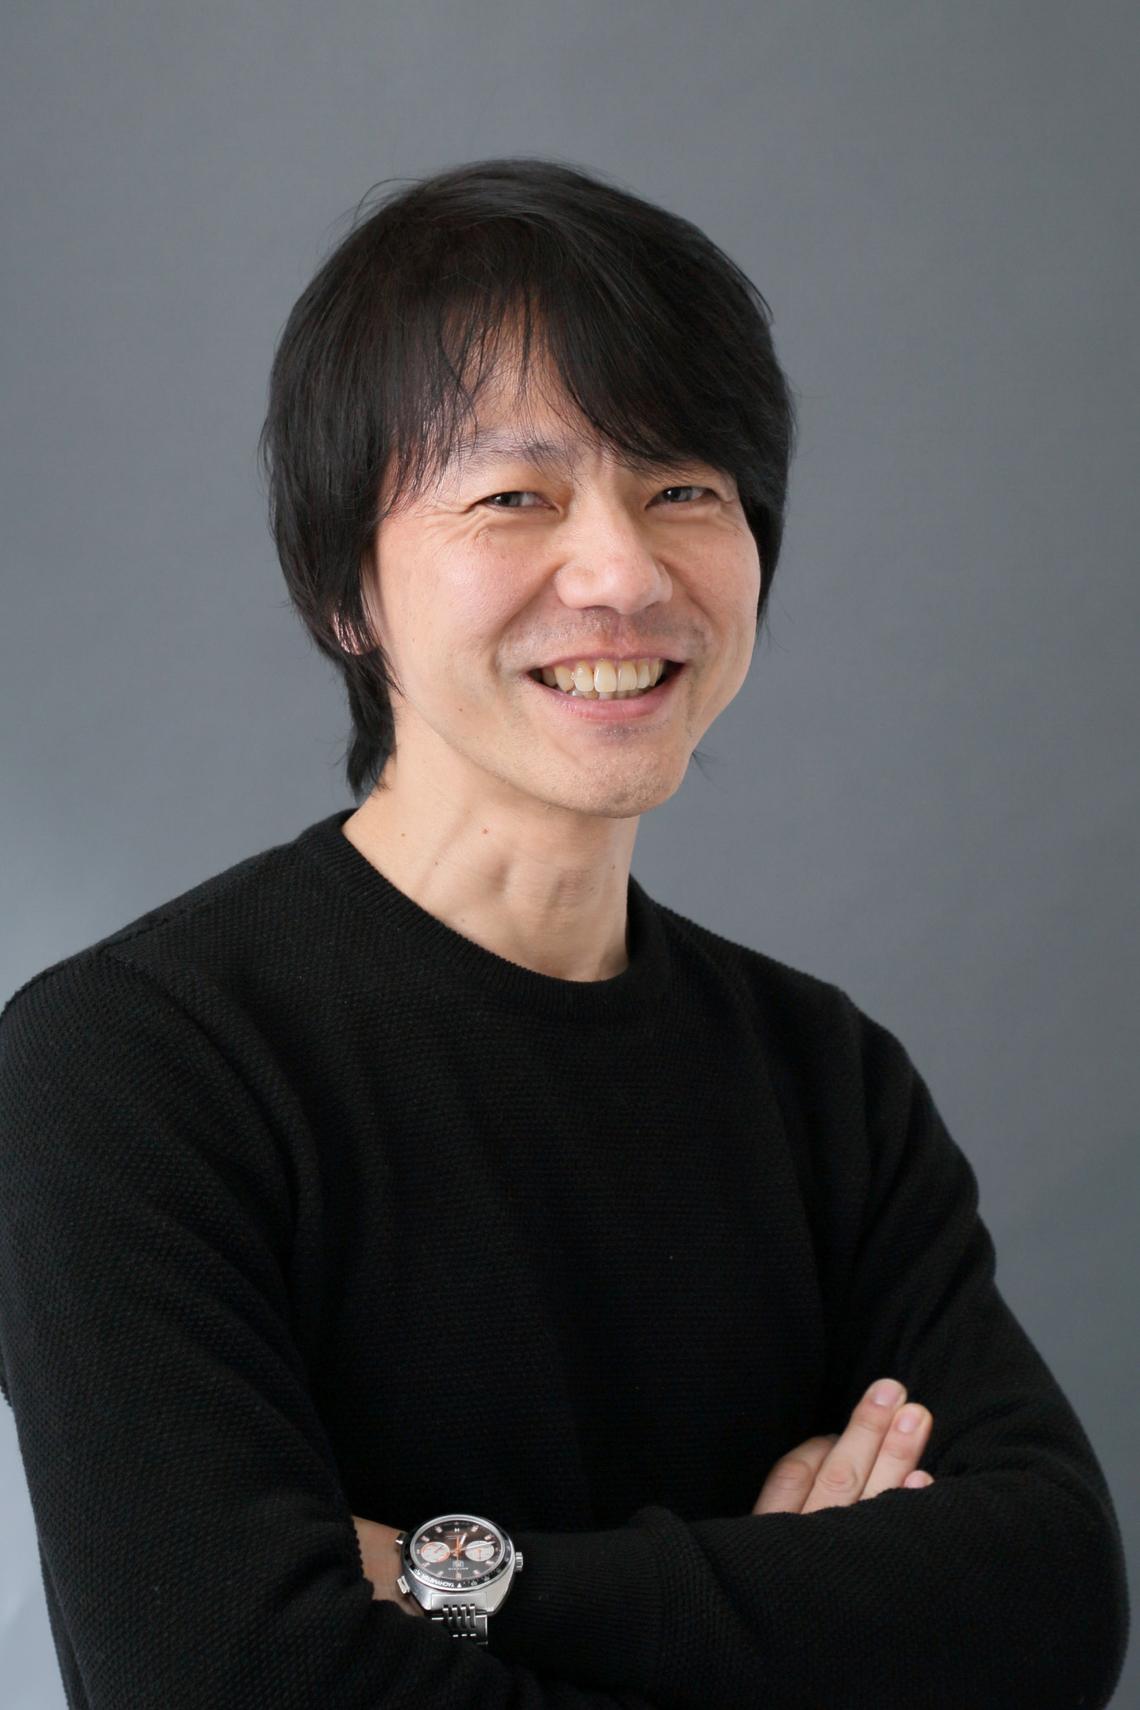 フィルム部門審査委員長 電通・澤本嘉光氏